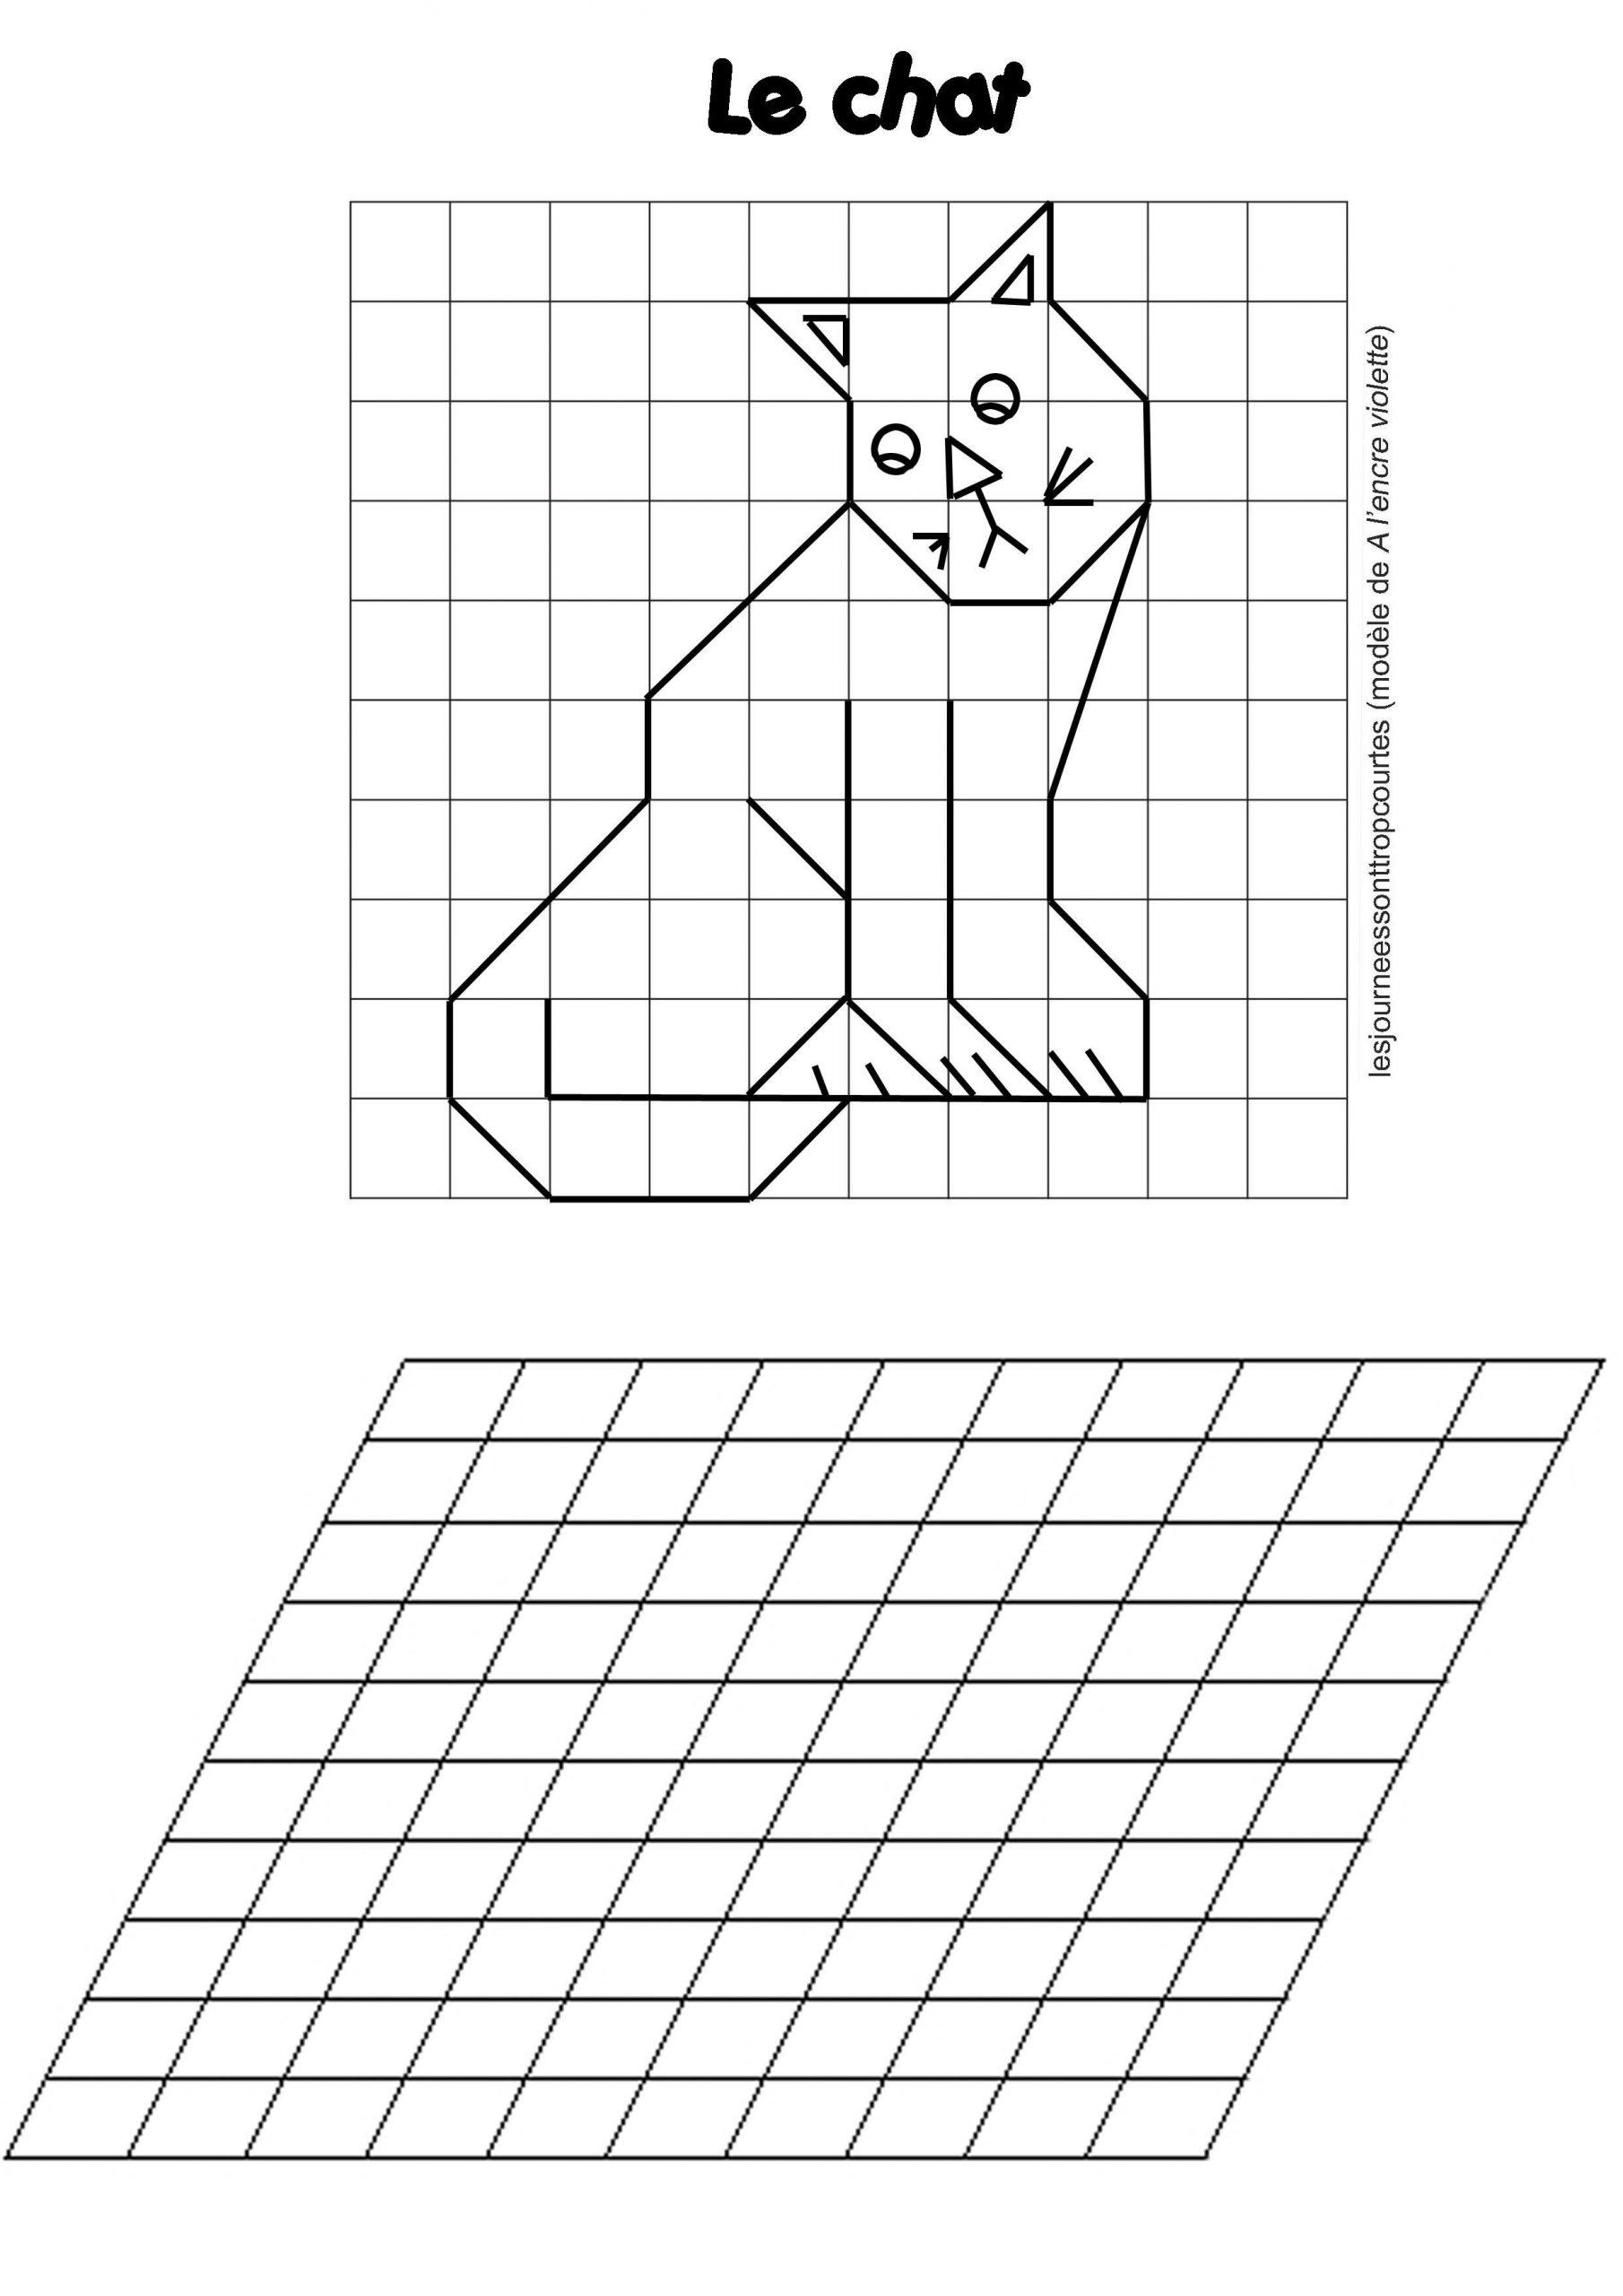 Reproduction De Figures   Math Scolaire   Dessin Quadrillage encequiconcerne Reproduction De Figures Ce2 Quadrillage